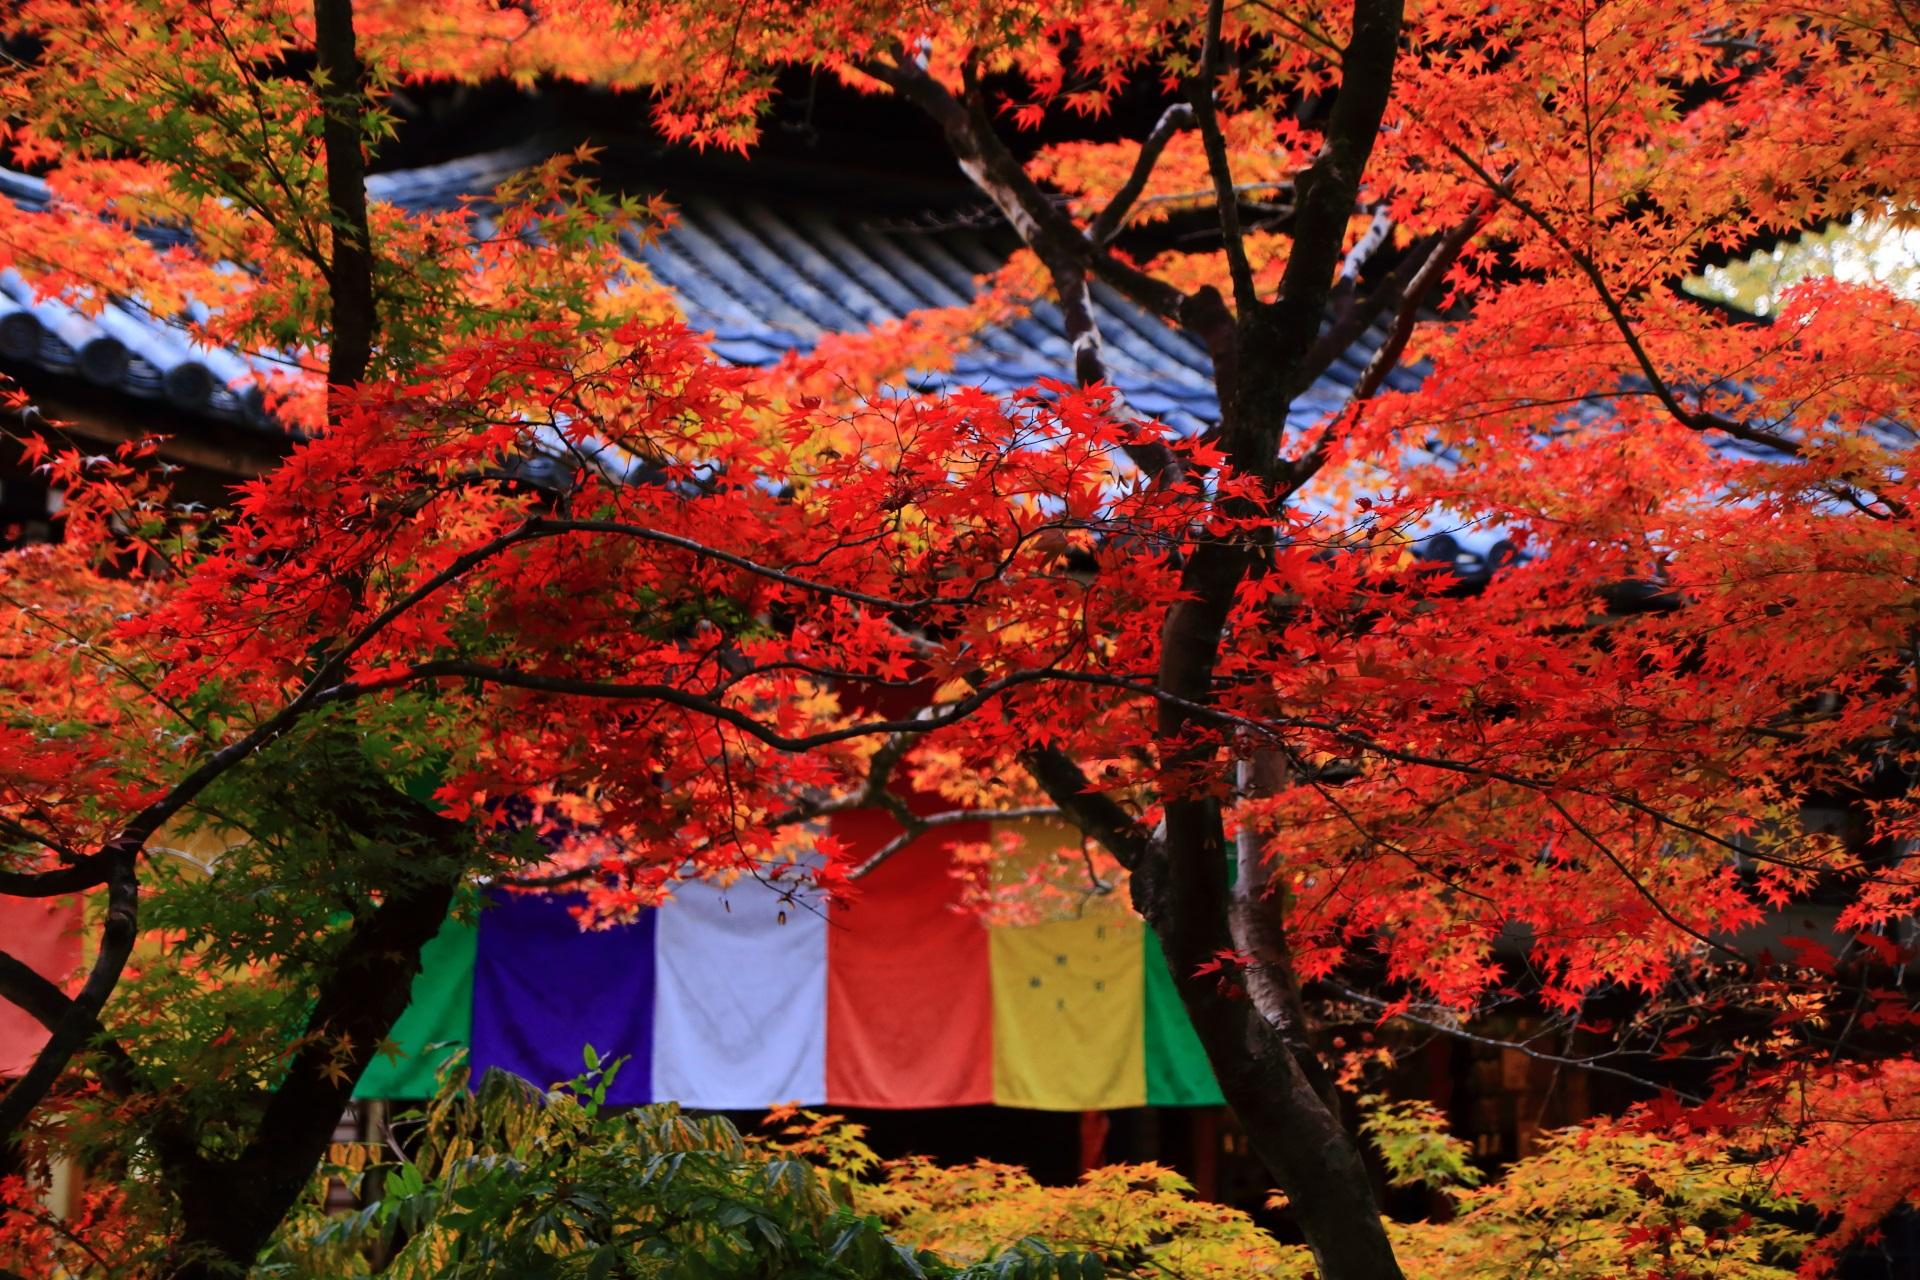 本堂を背景にした見ごろの紅葉と鮮やかな色の競演